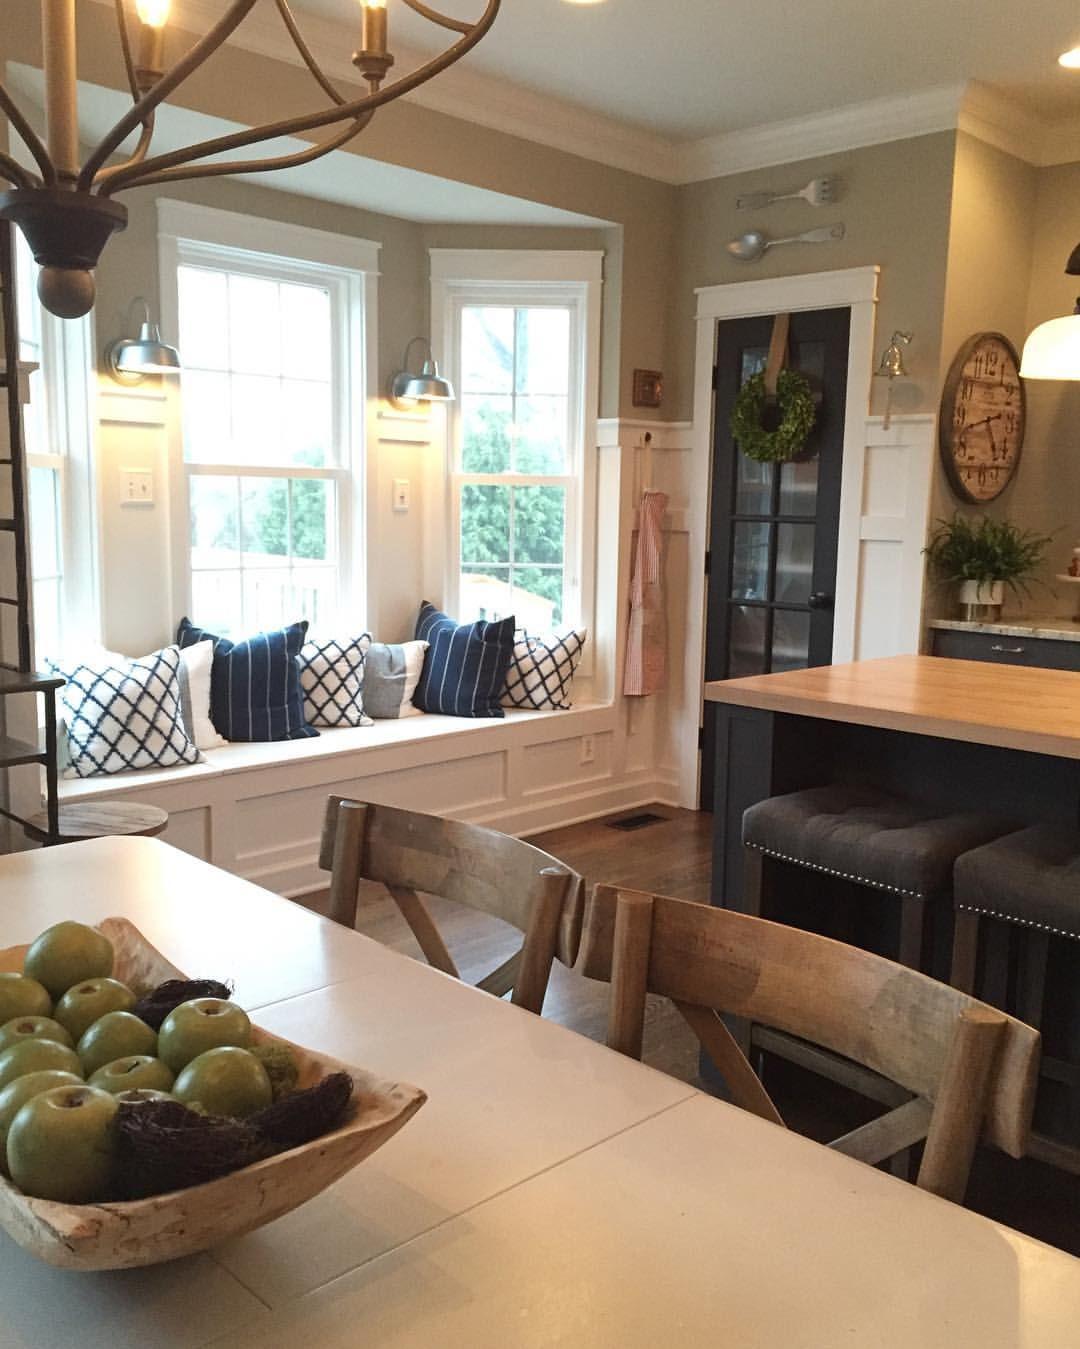 Window nook decorating ideas  cozy window seat nook in kitchen  kitchen makeoverplease